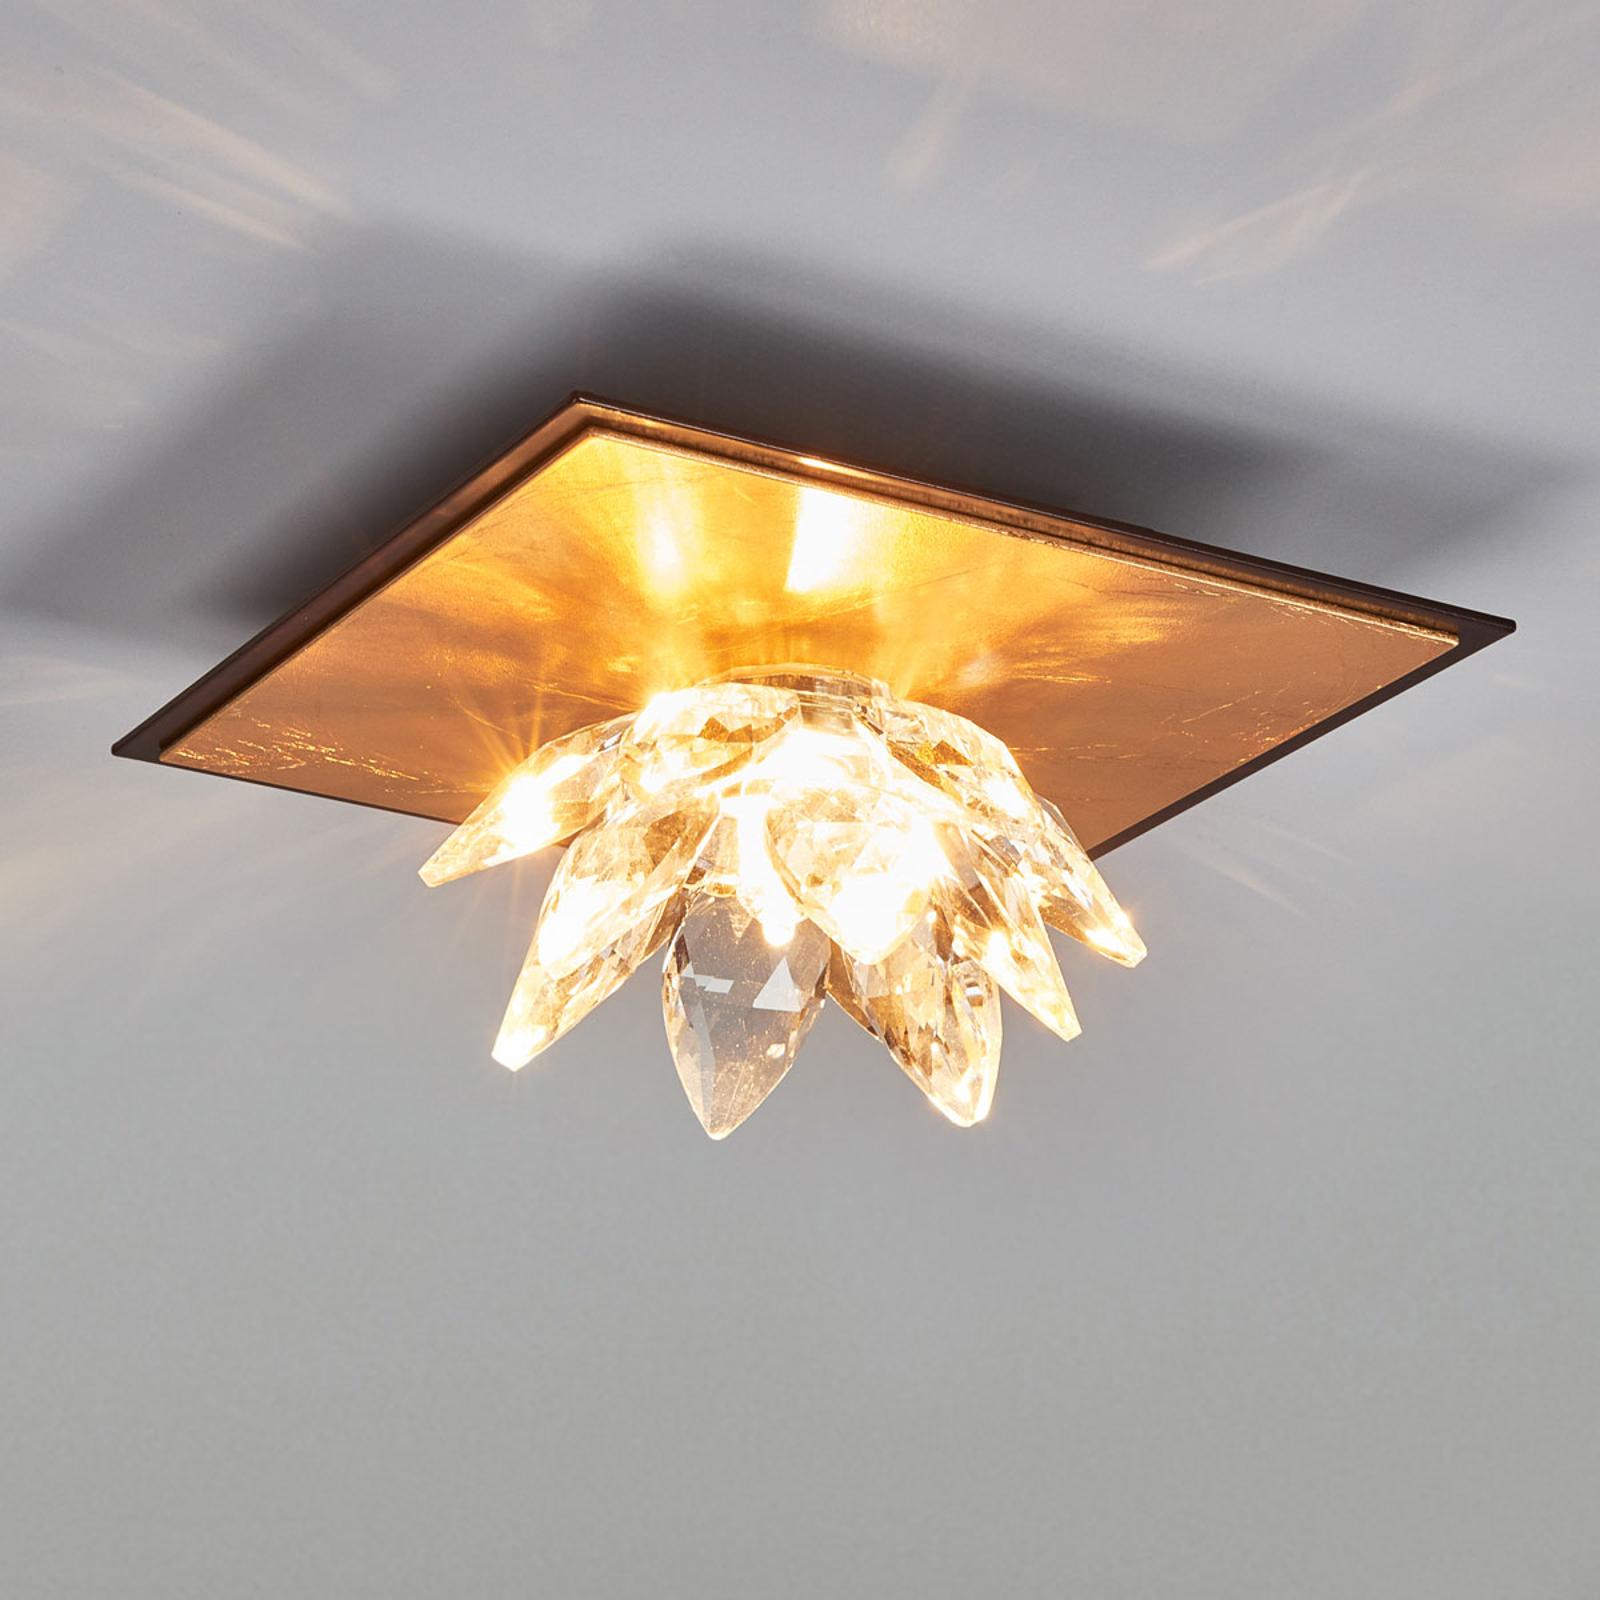 Fiore taklampe med gullblad og krystall 1lk